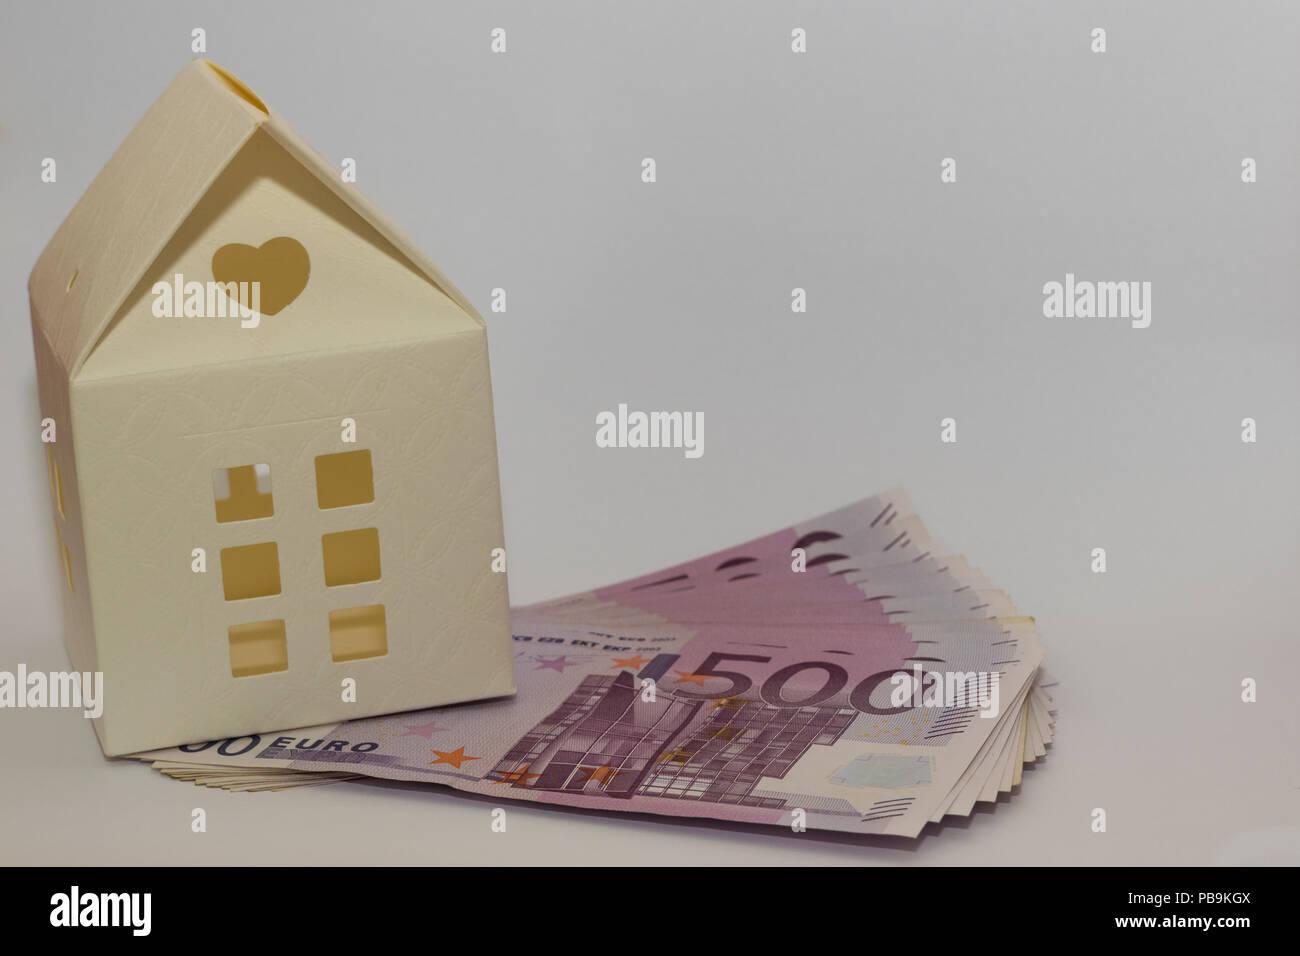 Papier Modell Spielzeug Haus auf 500 Euro Banknoten. Konzeptionelle Bild von Kauf, Verkauf, Sparen, Darlehen für ein Haus. Stockbild